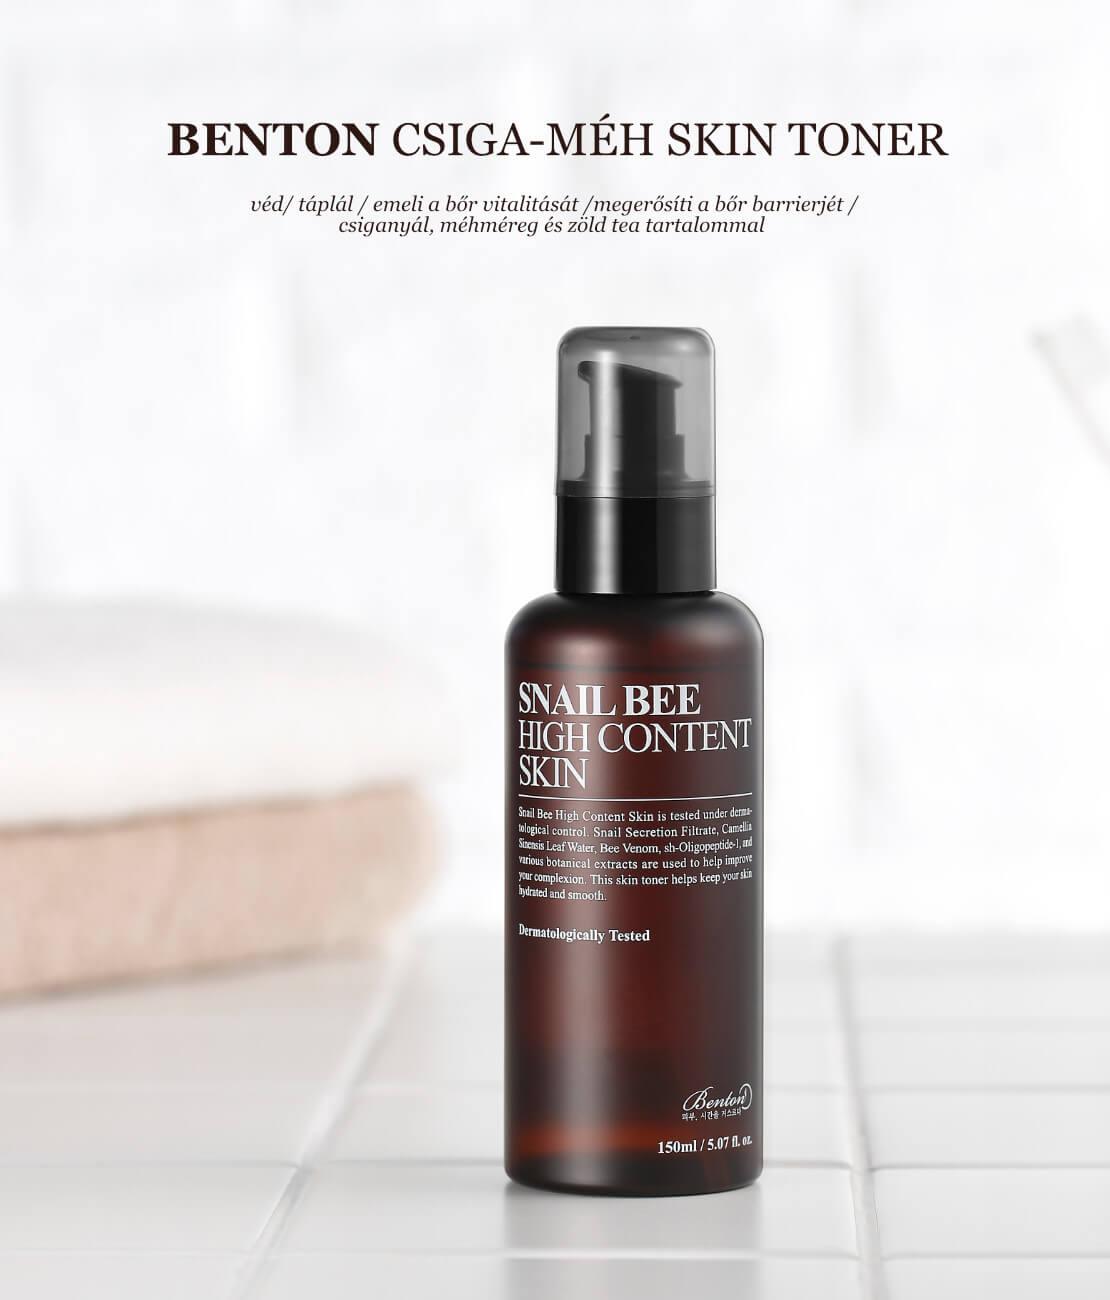 benton-csiga-meh-skin-toner-leiras